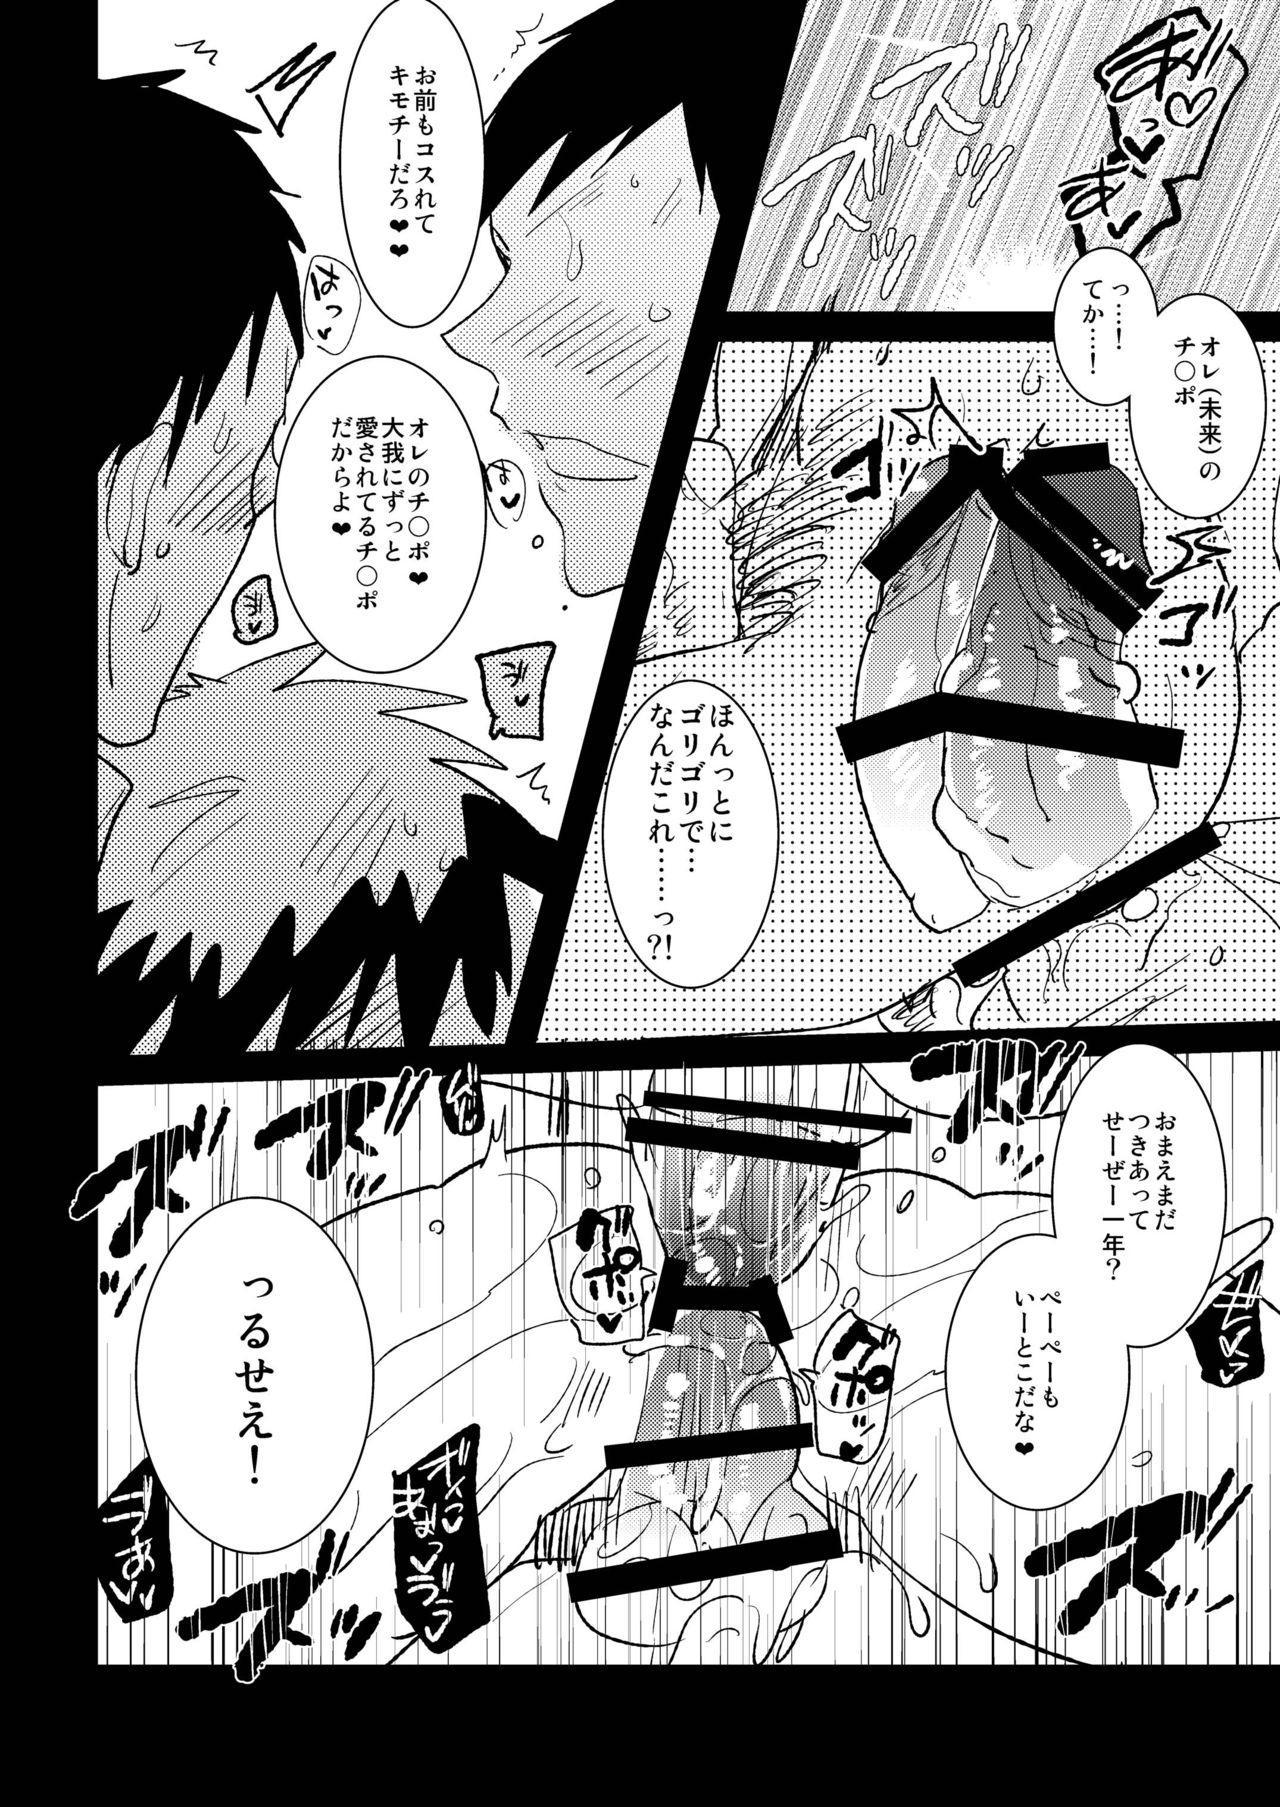 [archea (Sasagawa Nagaru)] Otona no Aomine-kun to (Seiteki ni) Asobou (Kuroko no Basuke) [Digital] 18